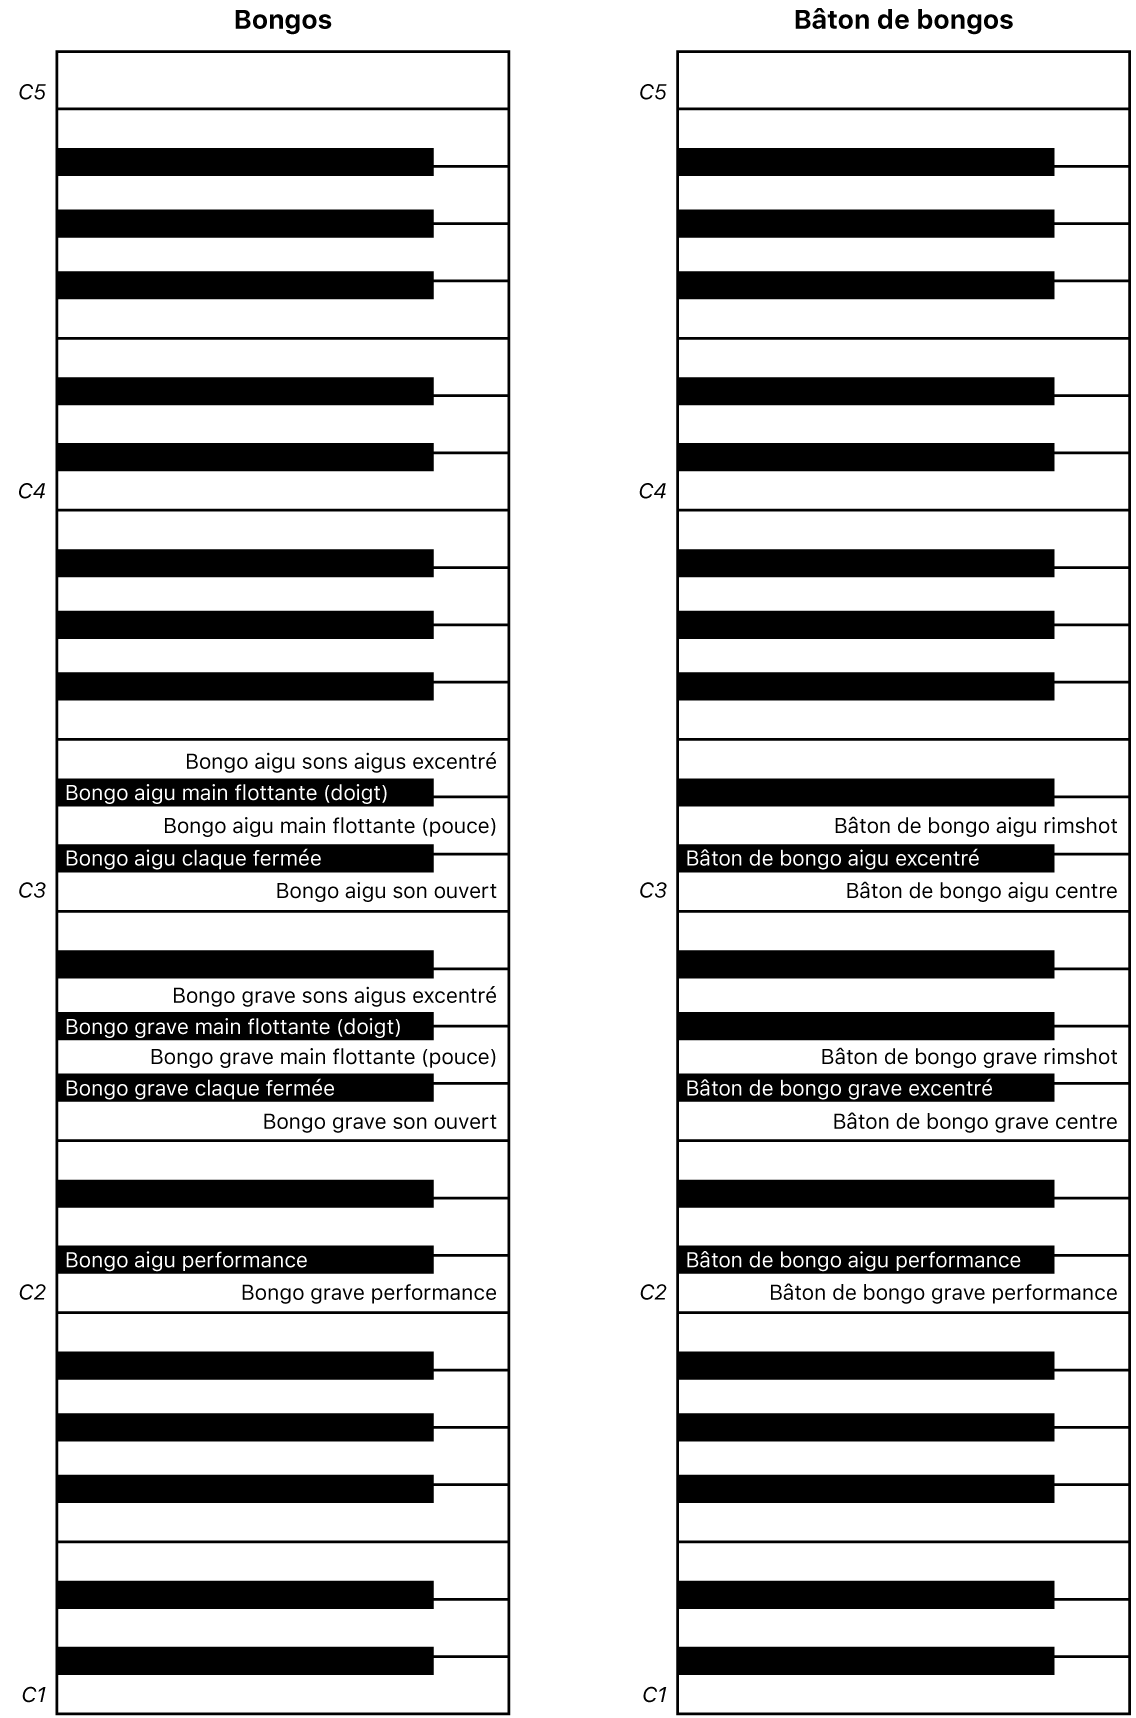 Figure. Mappage des touches de performance des bongos et baguettes de bongo.